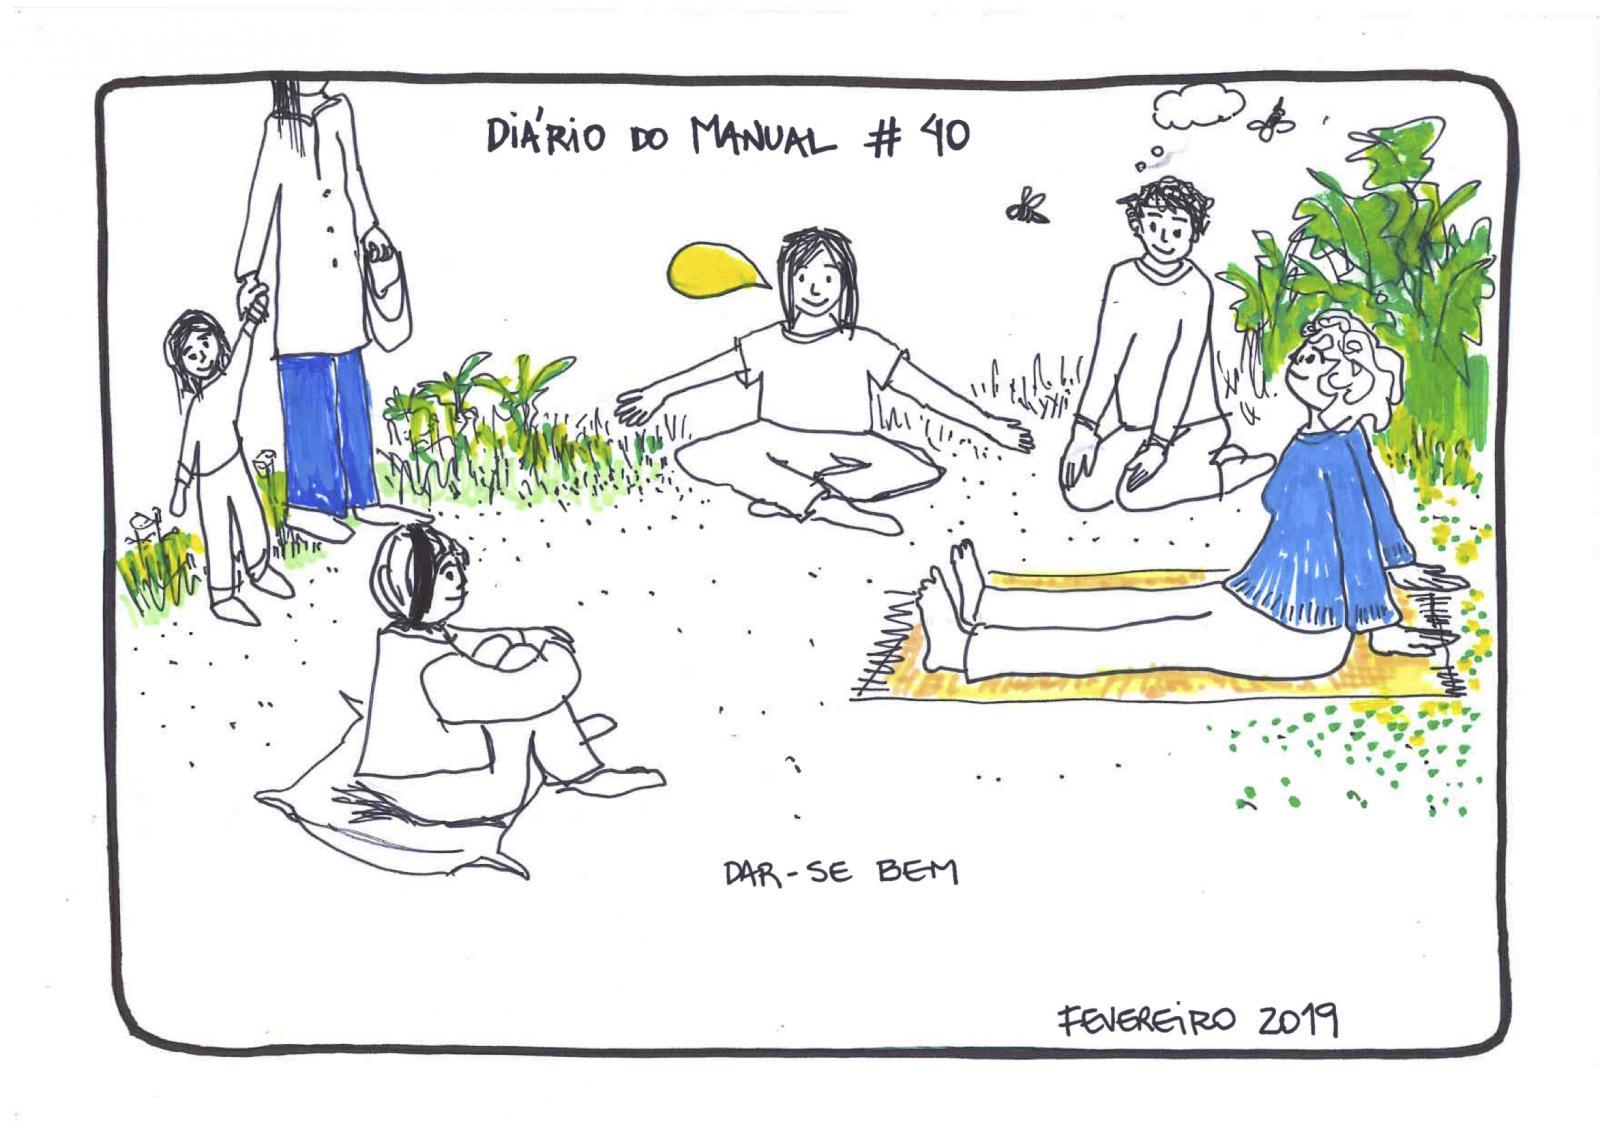 diário do manual #40